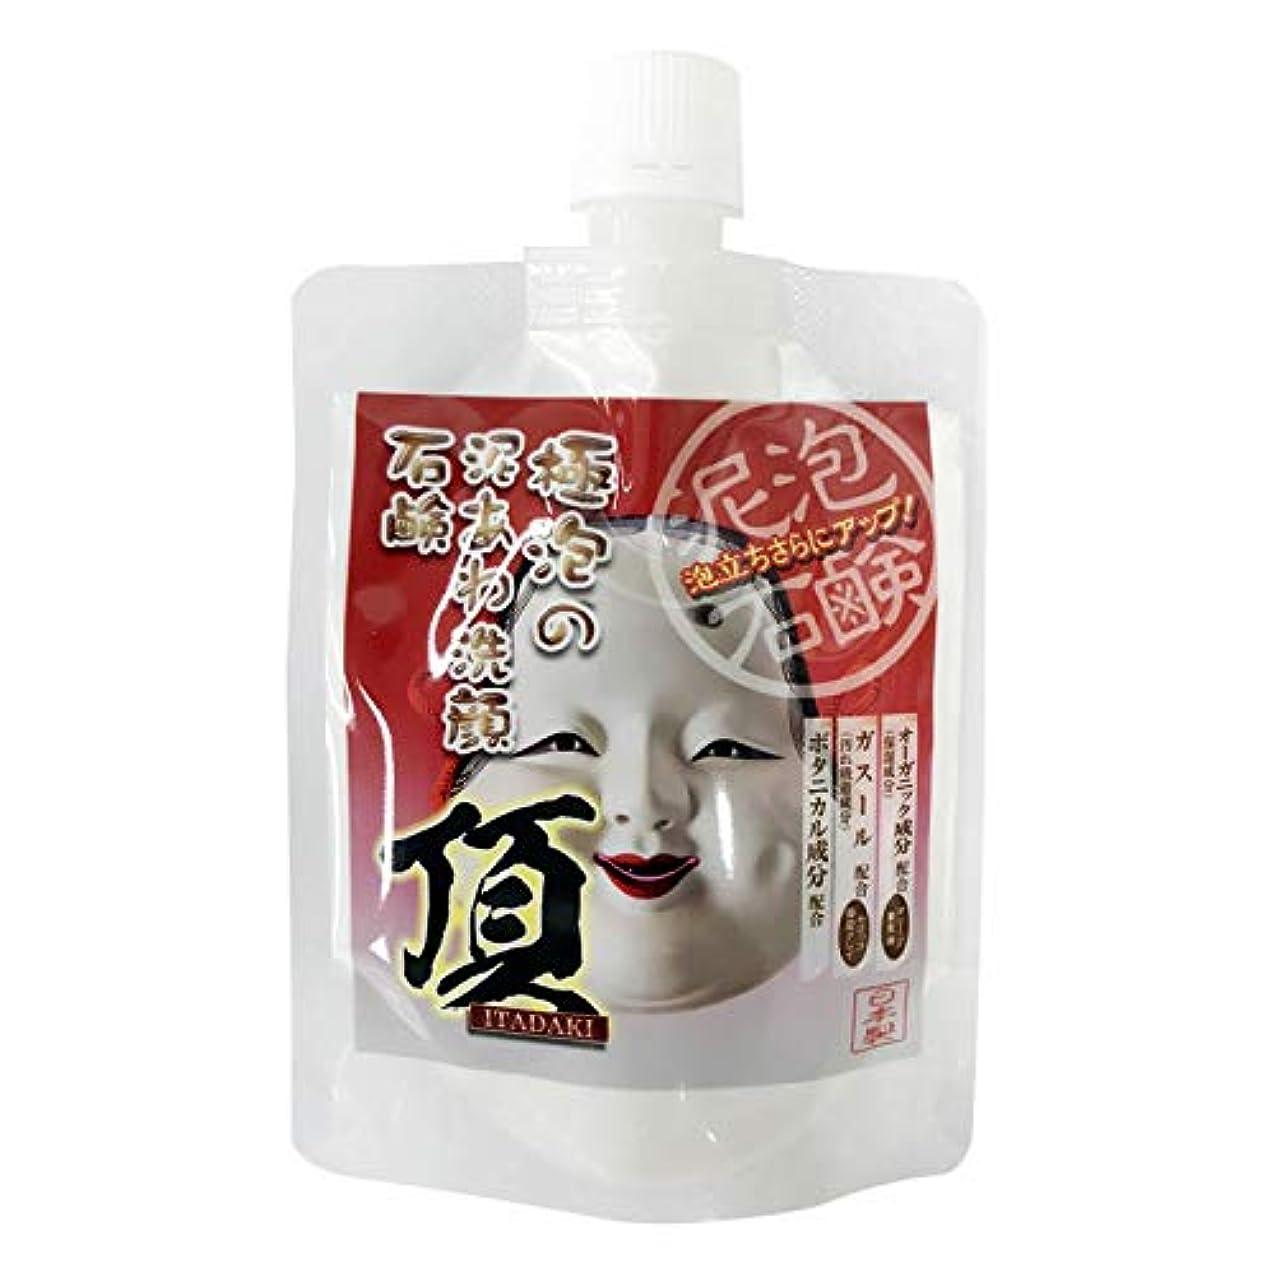 低い役員リゾート極泡の泥あわ洗顔石鹸 頂 130g ガスール 豆乳 ボタニカル 酒粕 エキス配合